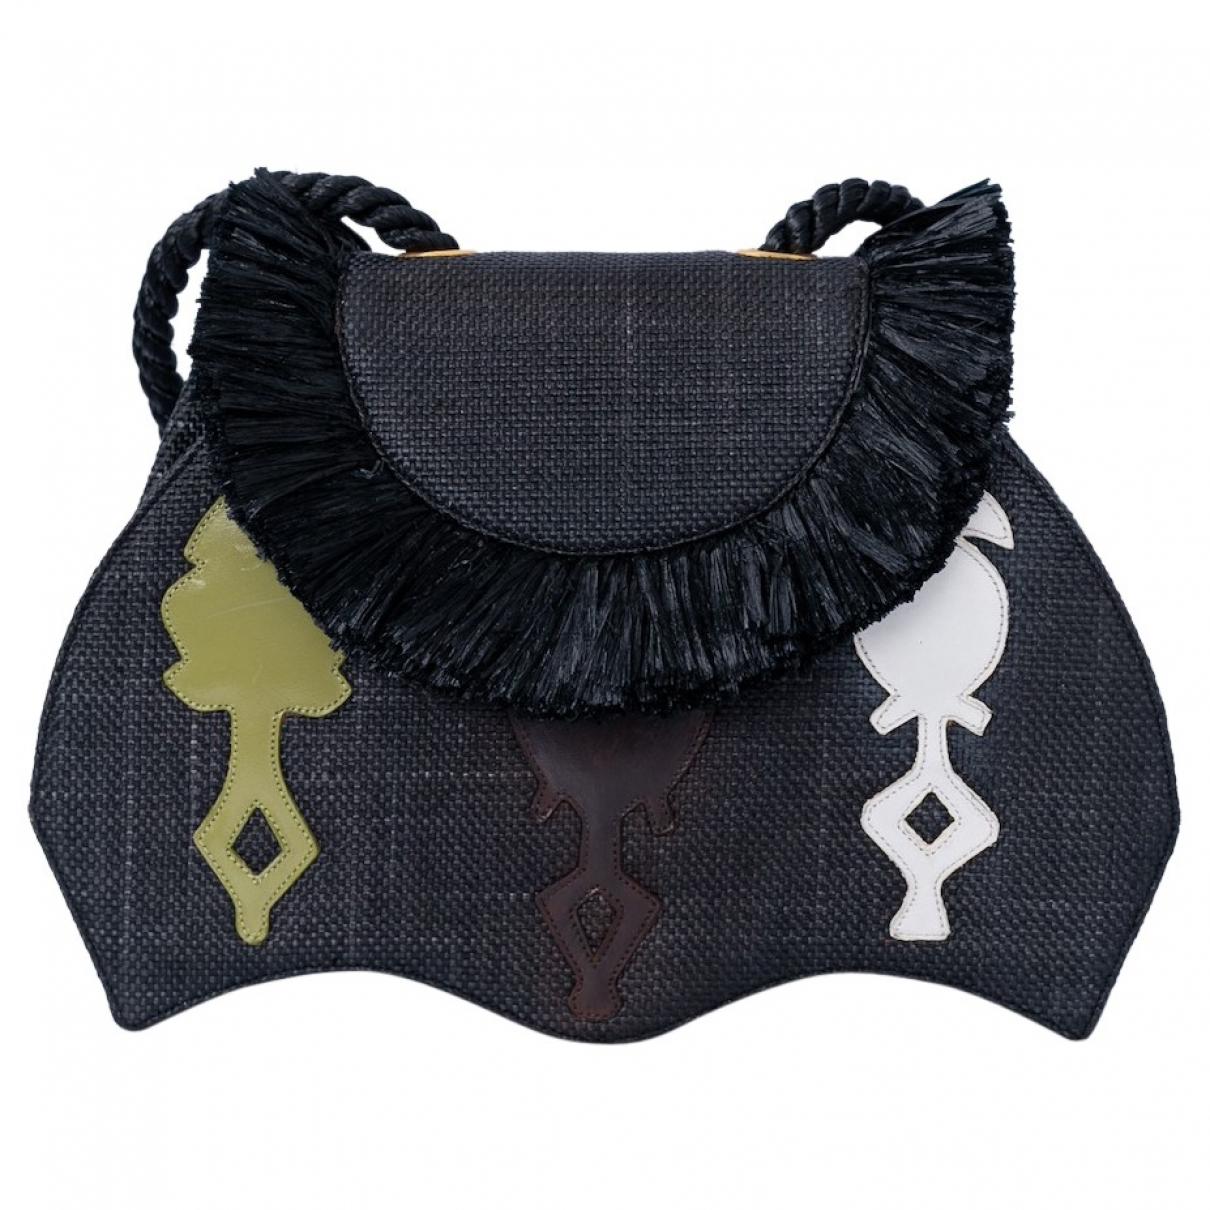 Non Signe / Unsigned Hippie Chic Handtasche in Stroh